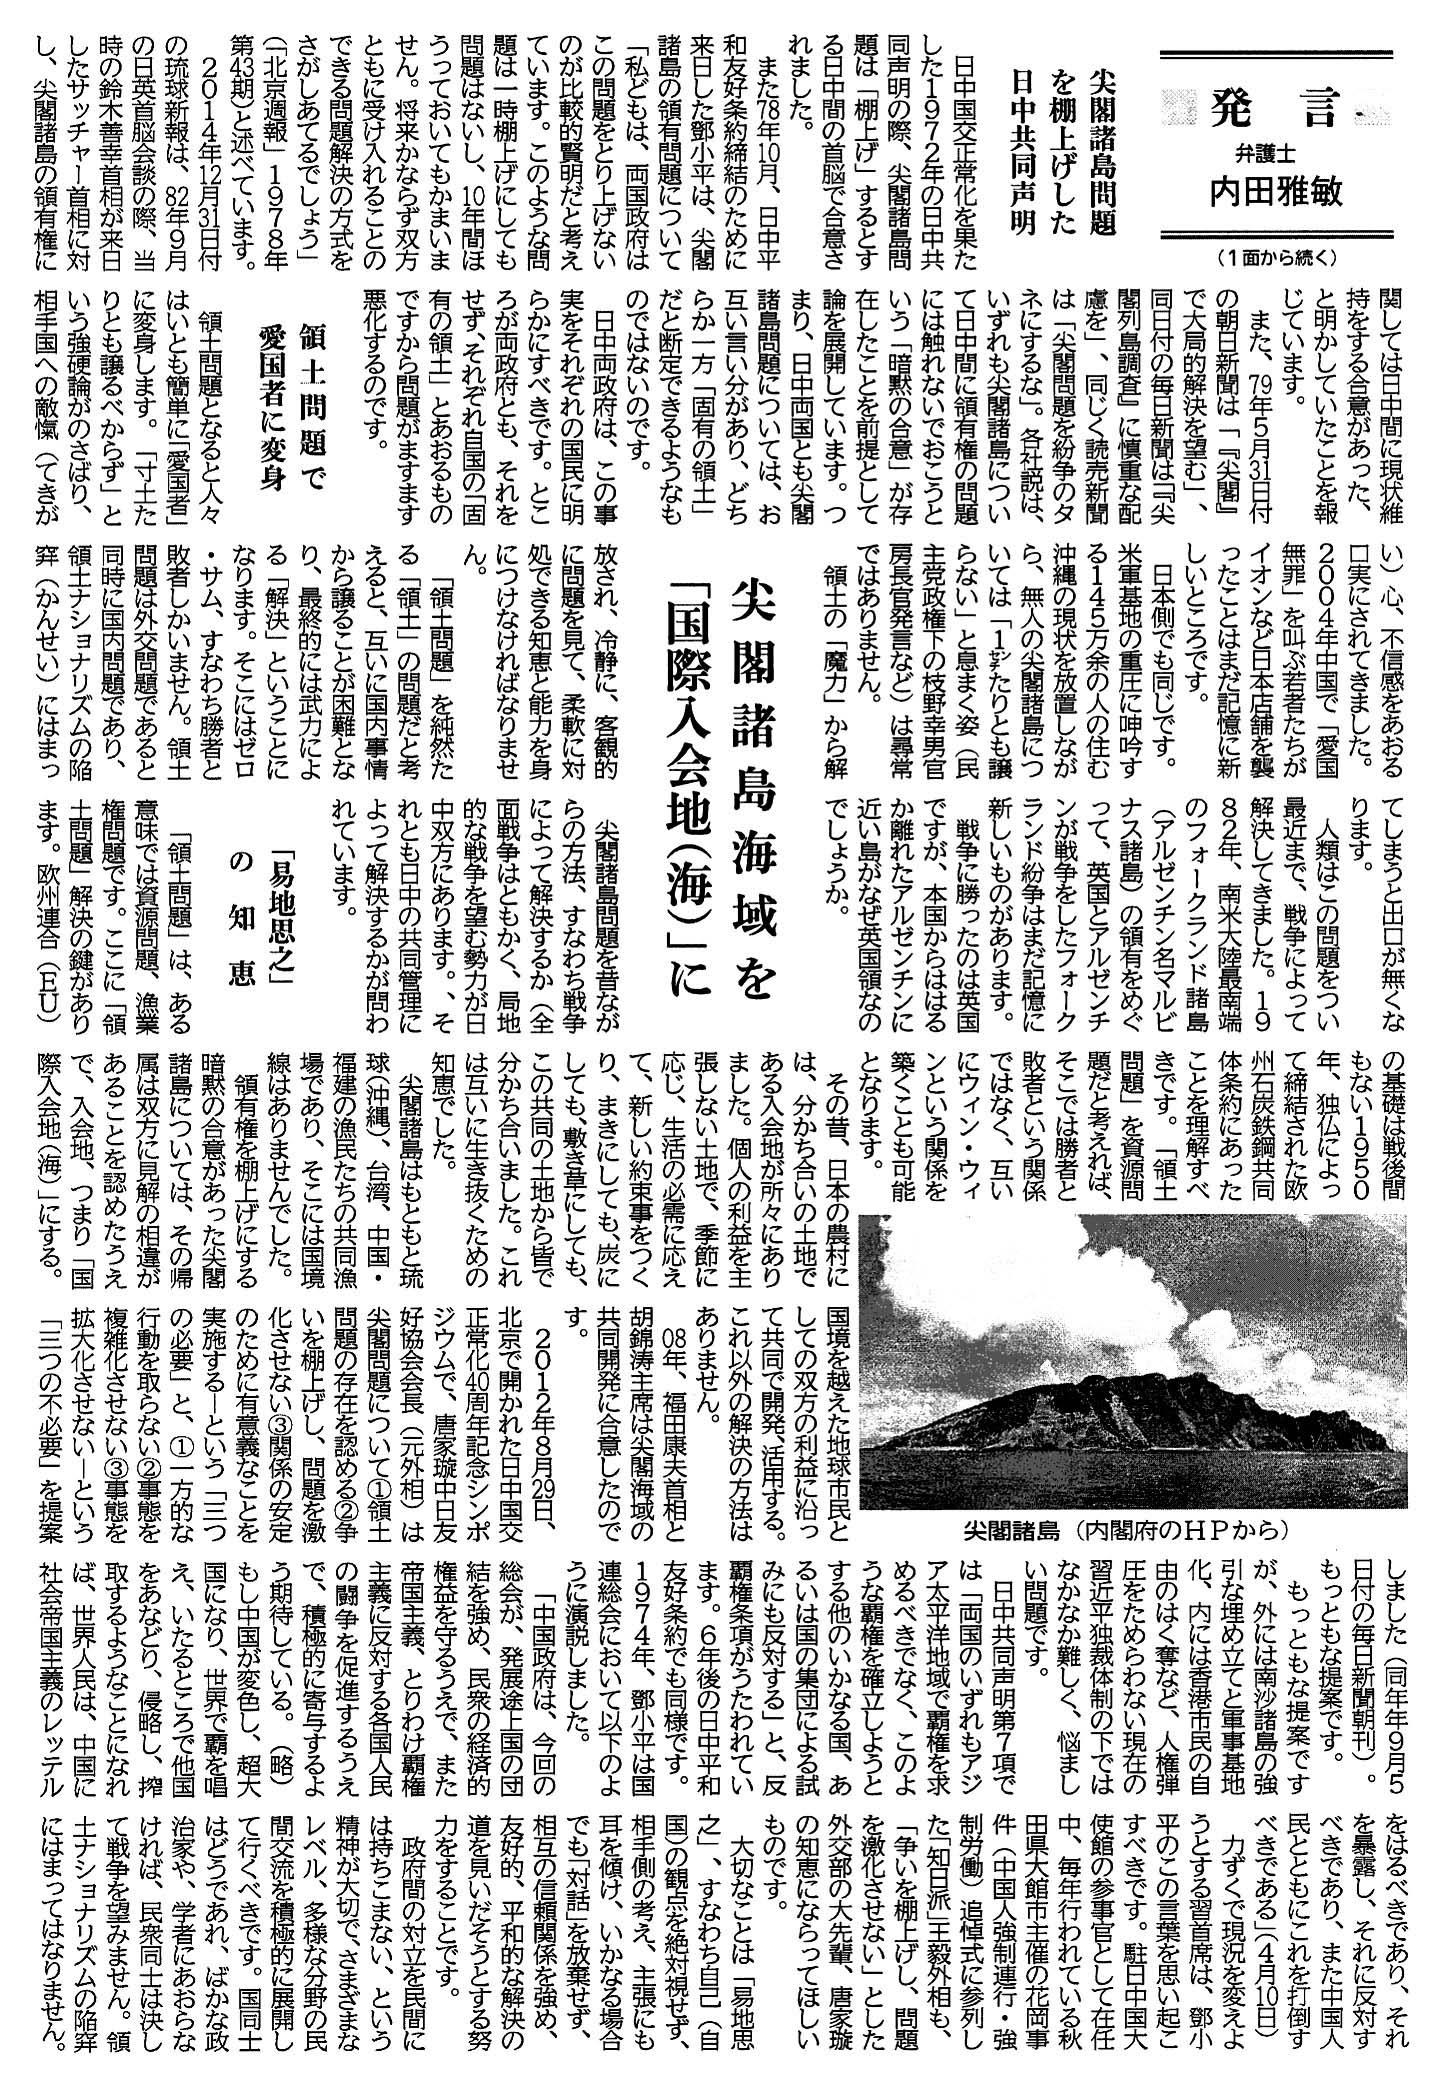 higashiaichi2020.12.28bt-BW.jpg